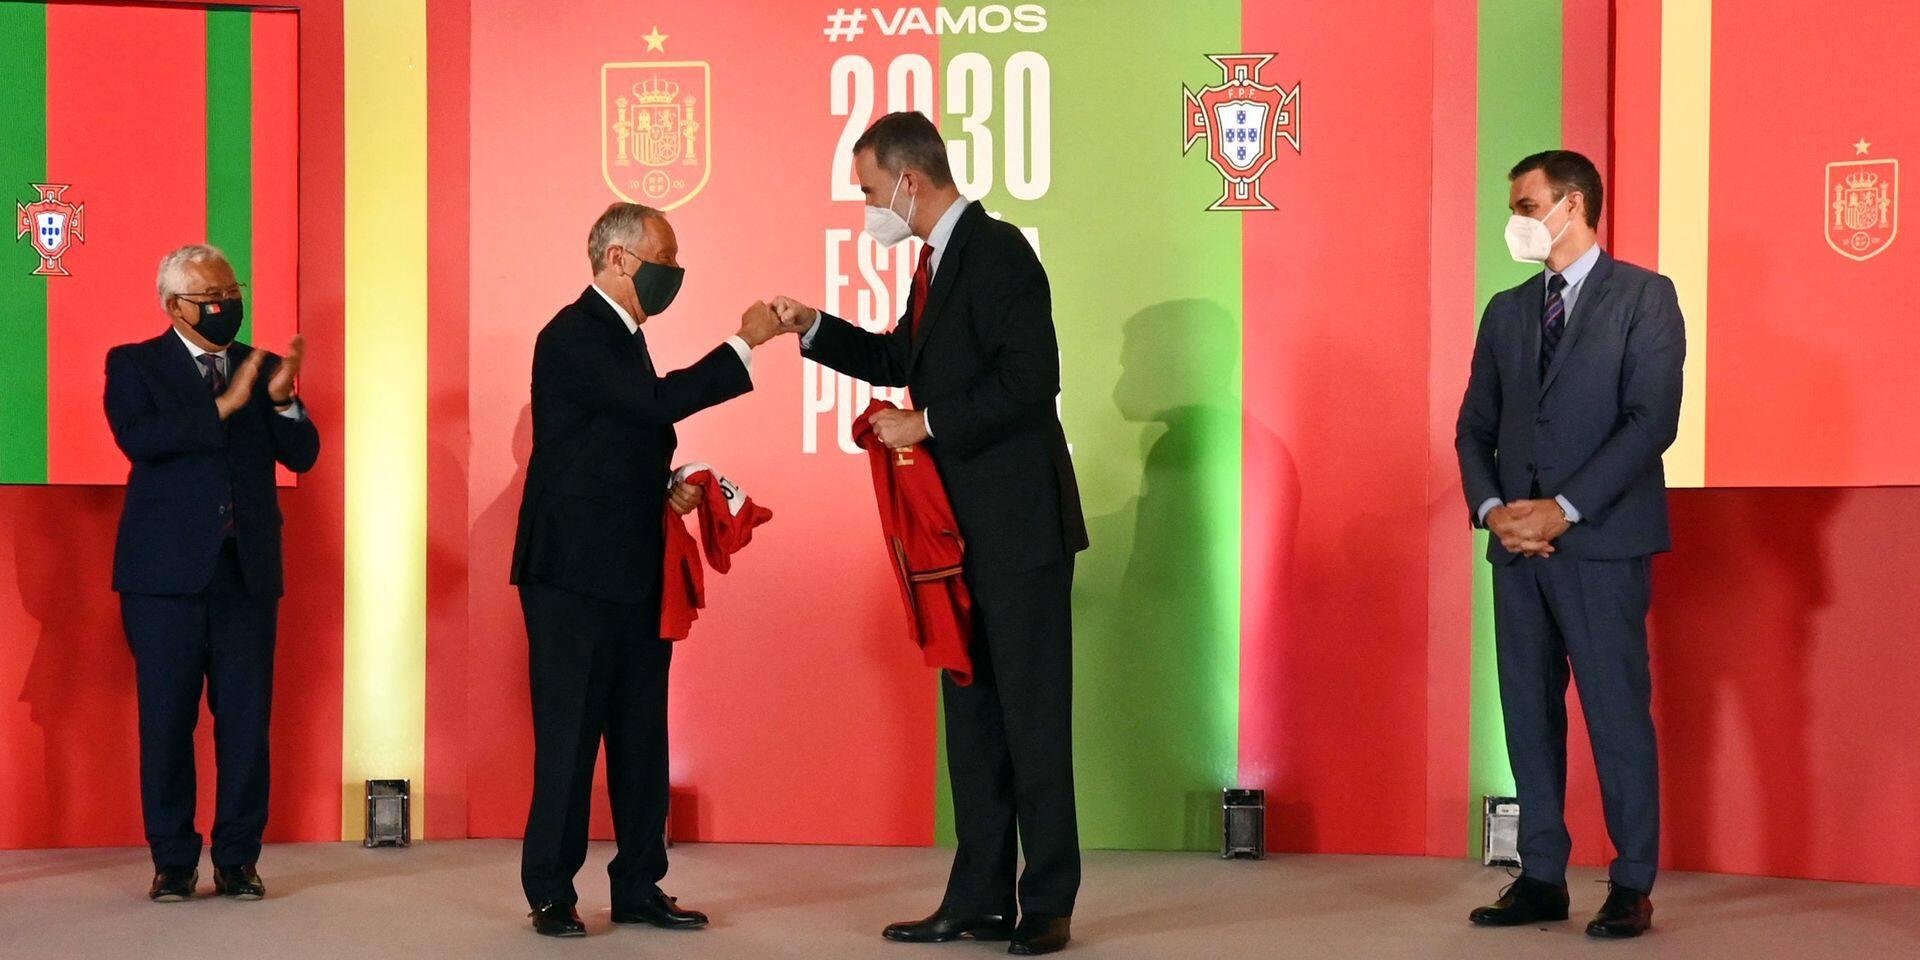 Mondial 2030 : l'Espagne et le Portugal annoncent officiellement leur candidature commune